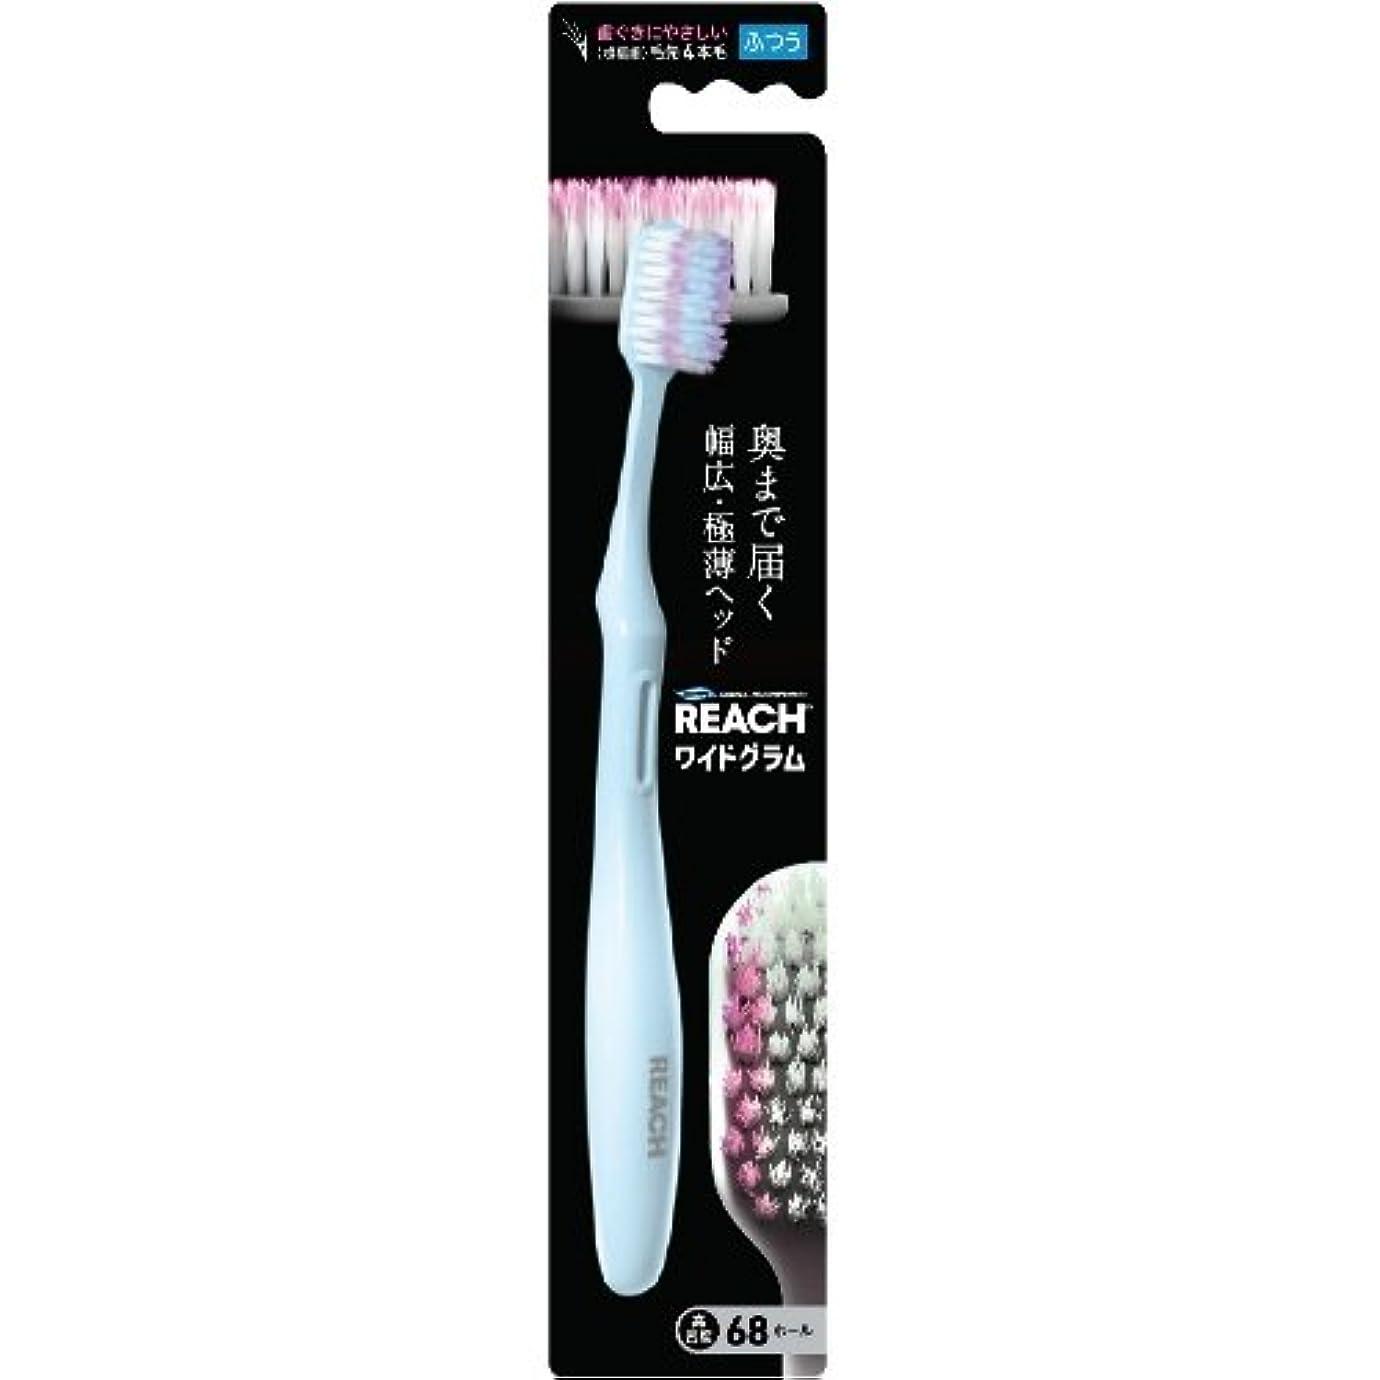 知る基本的な注入銀座ステファニー化粧品 リーチ 歯ブラシ ウルトラワイドグラム ふつう 1本入 4560279550966